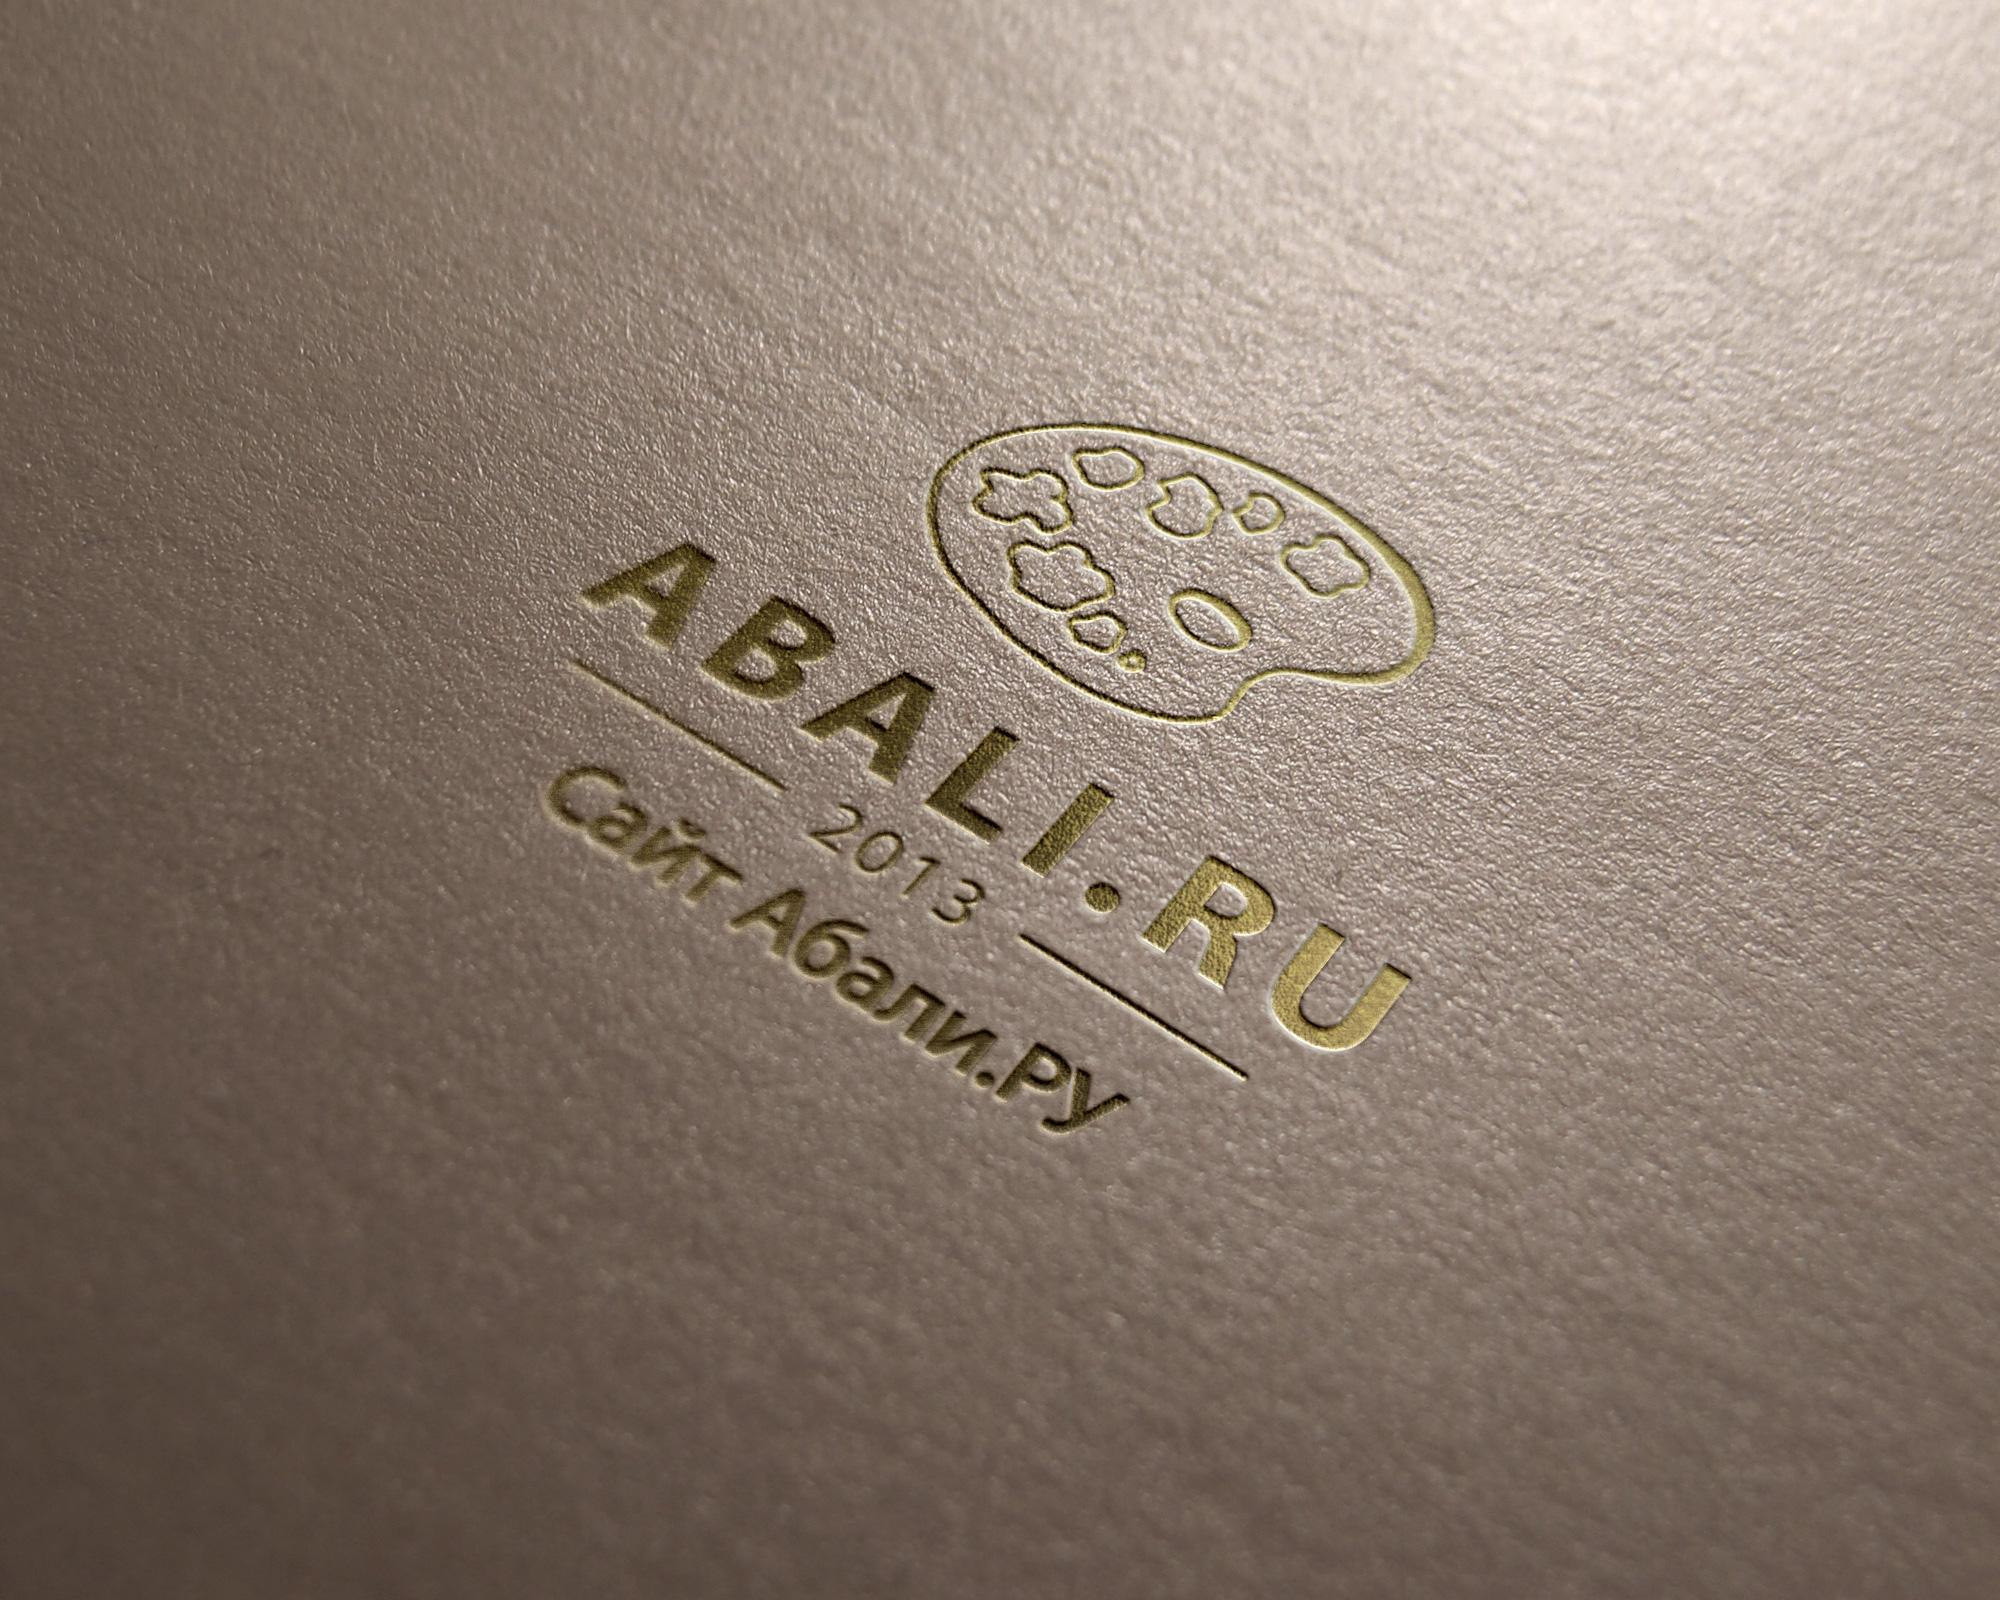 Ваш логотип, тиснение золотом на бумаге